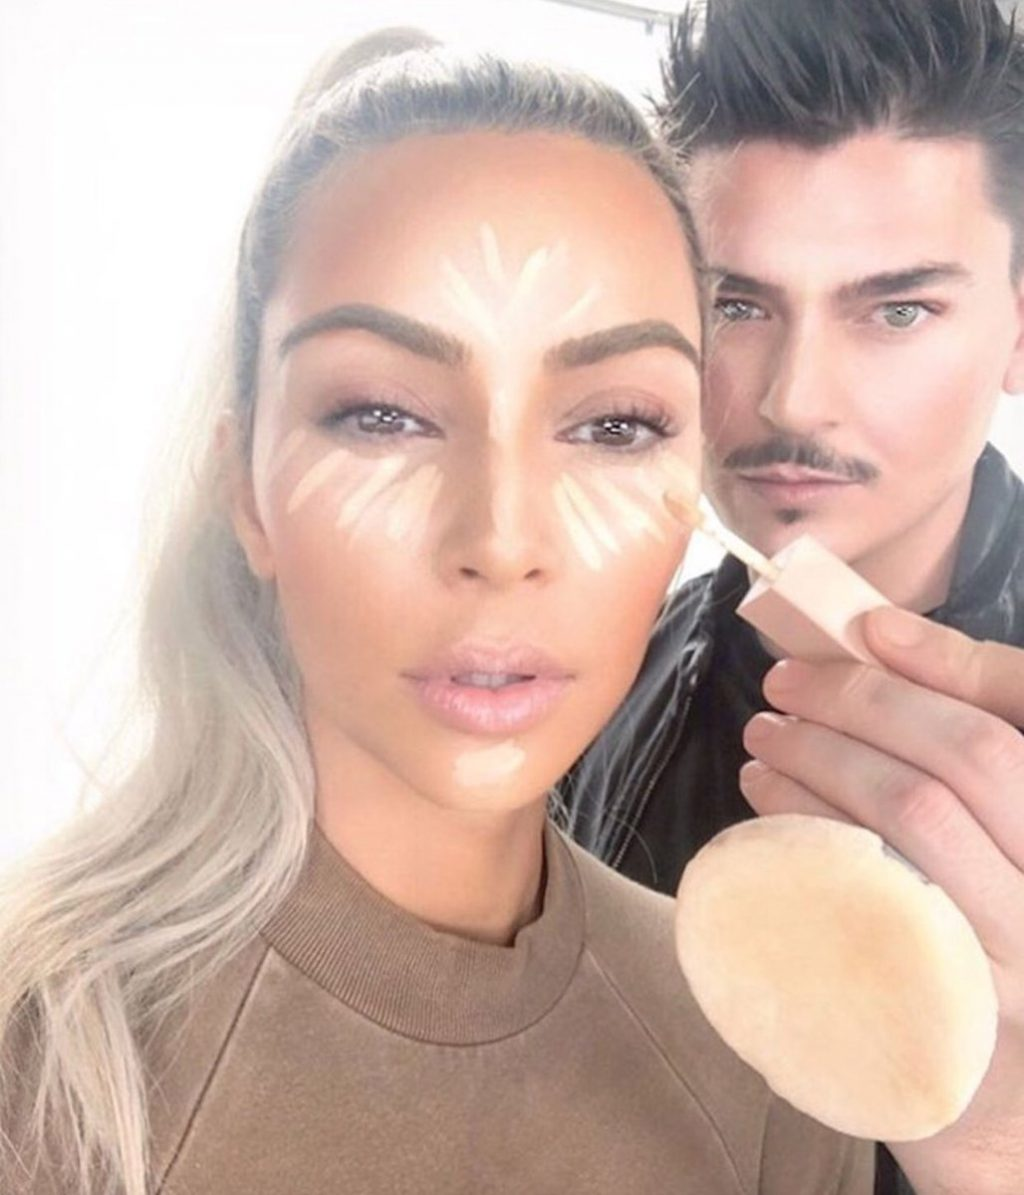 nguyên tắc trang điểm đẹp của kim kardashian 4